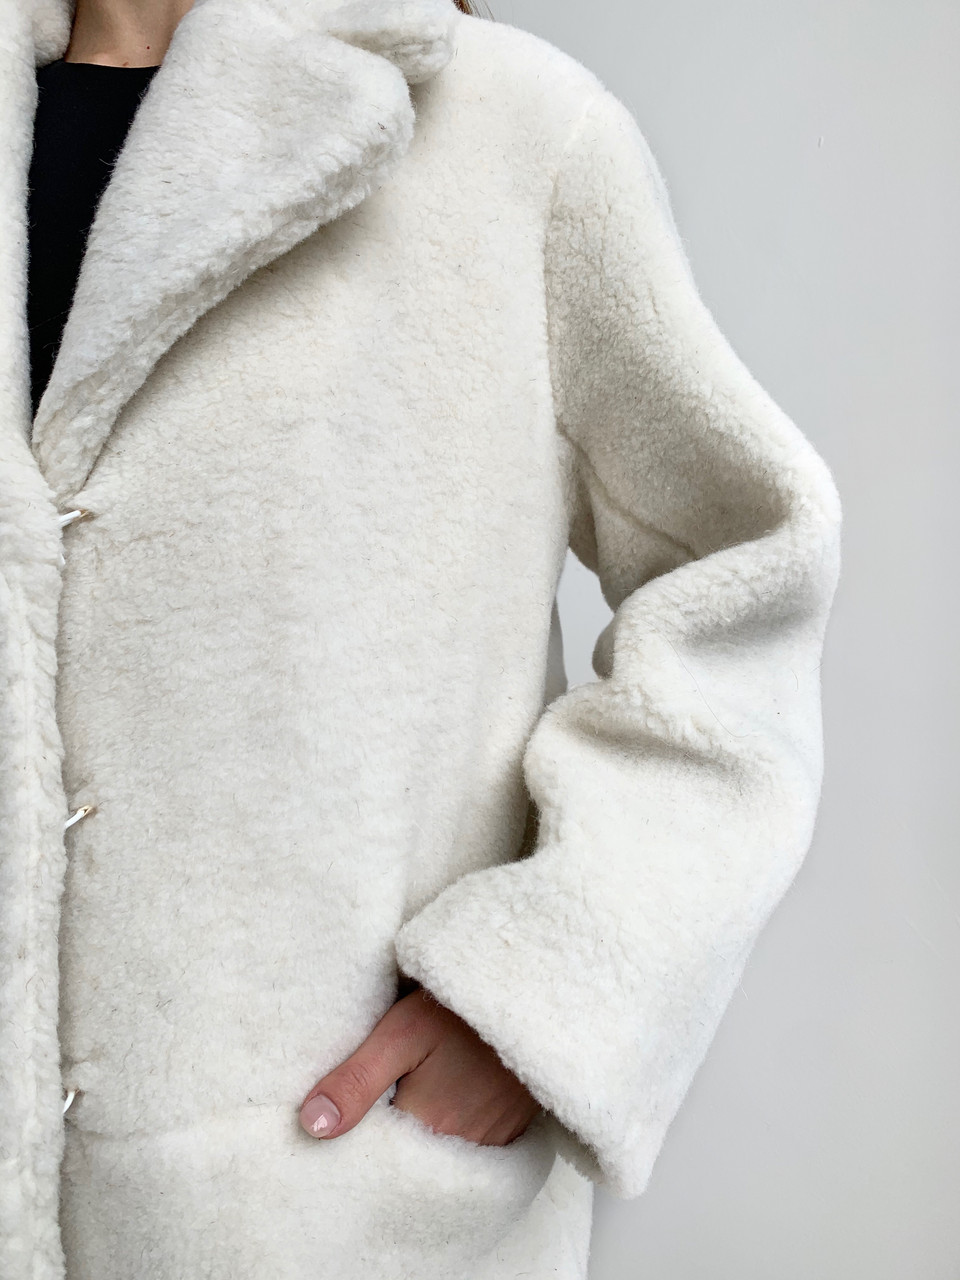 Шуба из натуральной стриженой овечьей шерсти длина 110 см, прорезные карманы, молочный цвет - фото 5